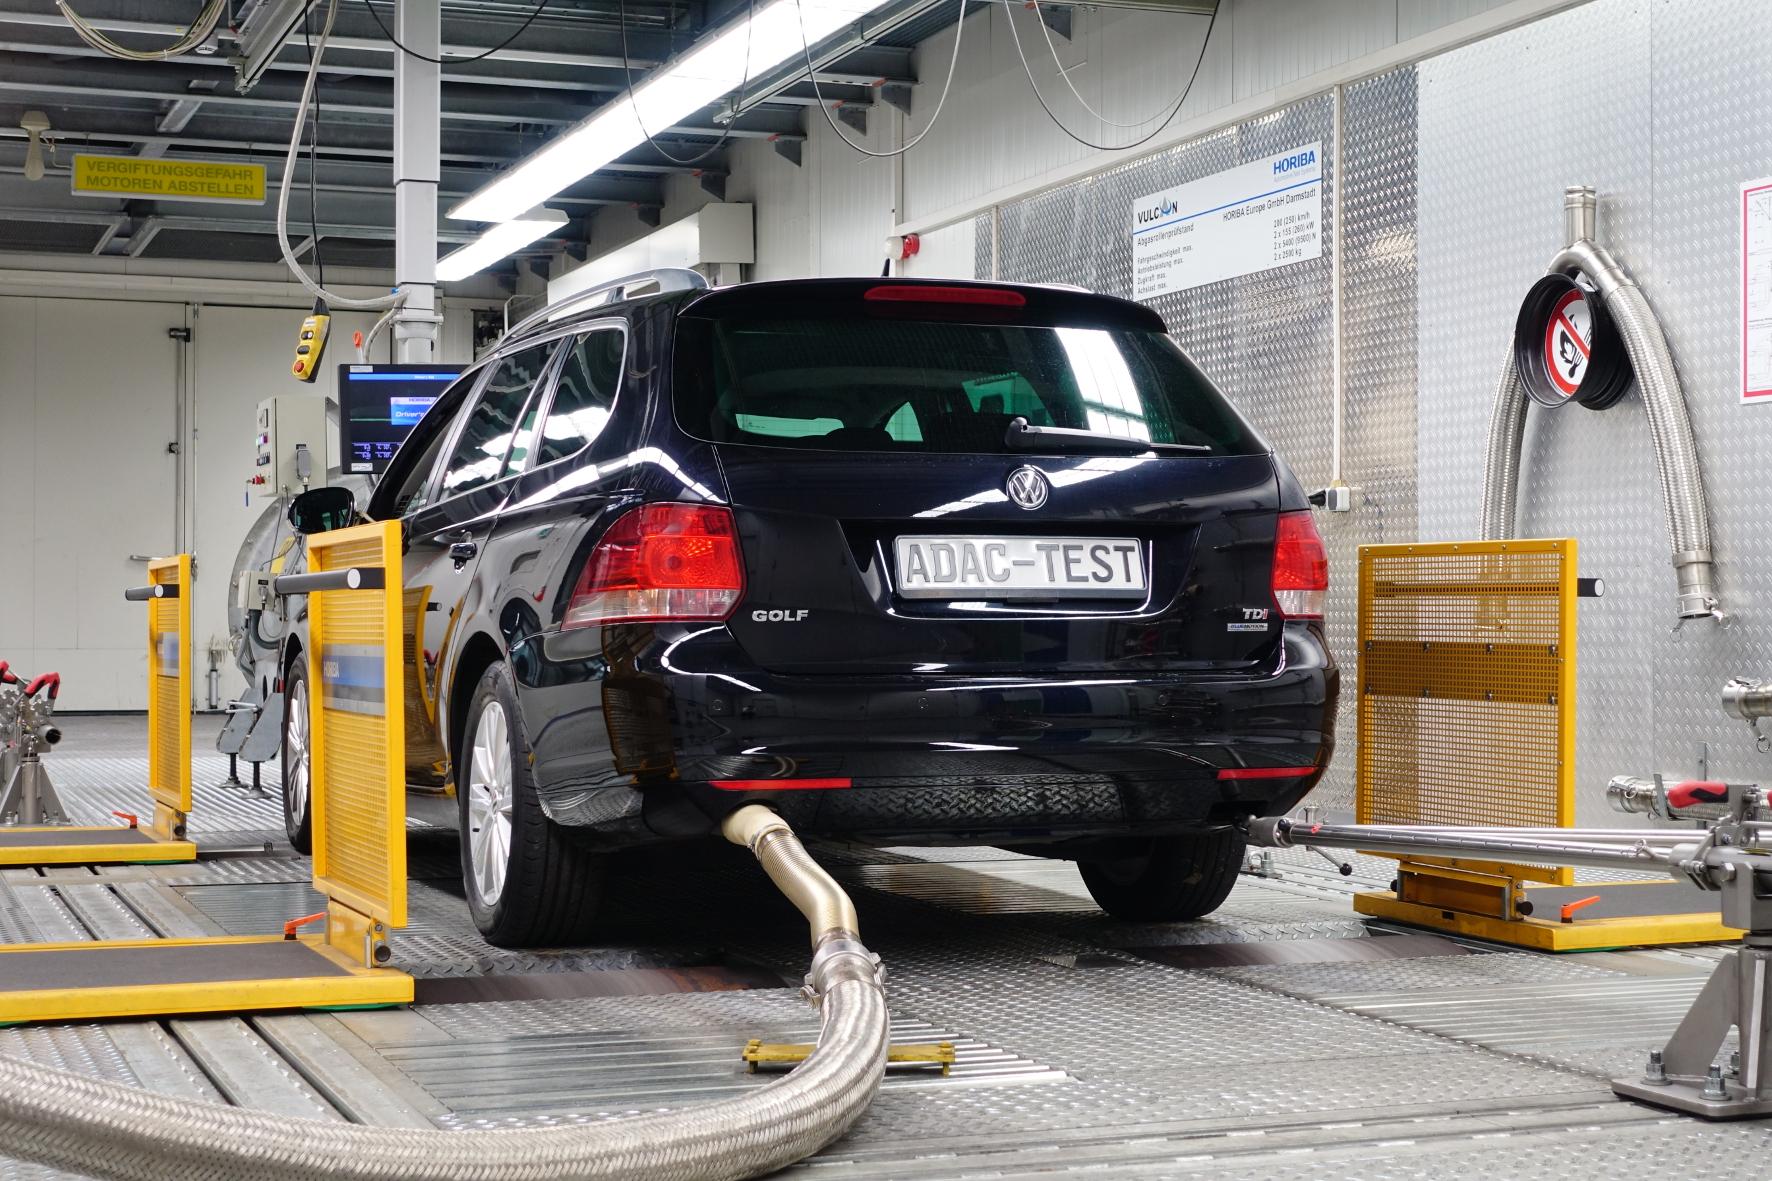 Fachzeitschrift beleuchtet die aktuelle Diesel-Situation in unseren Nachbarländern